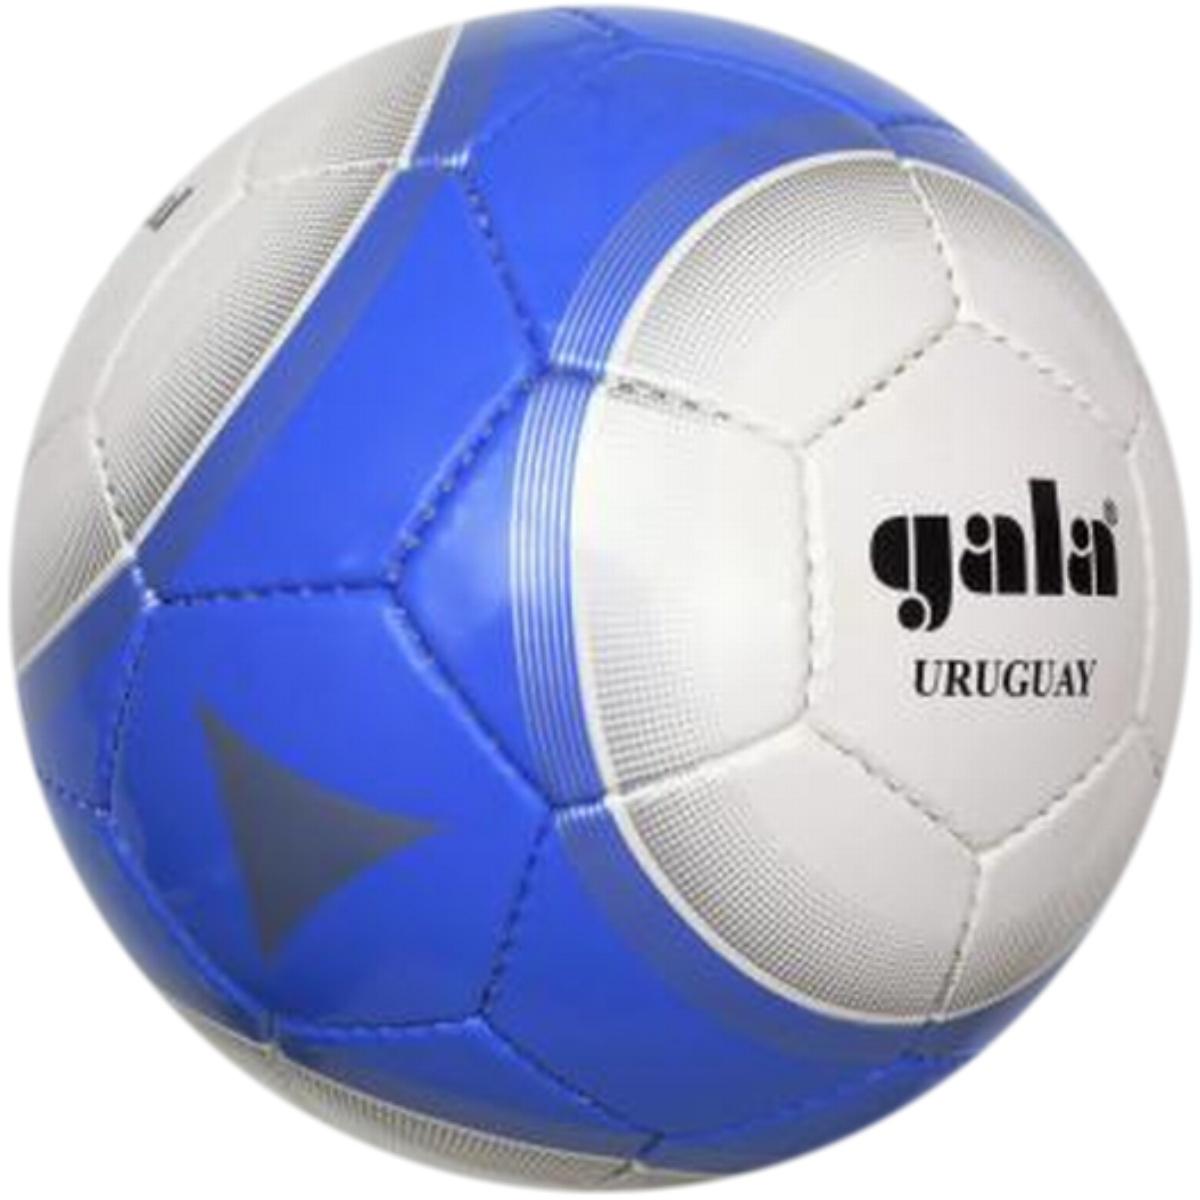 Fotbalový míč GALA Uruguay BF4063S